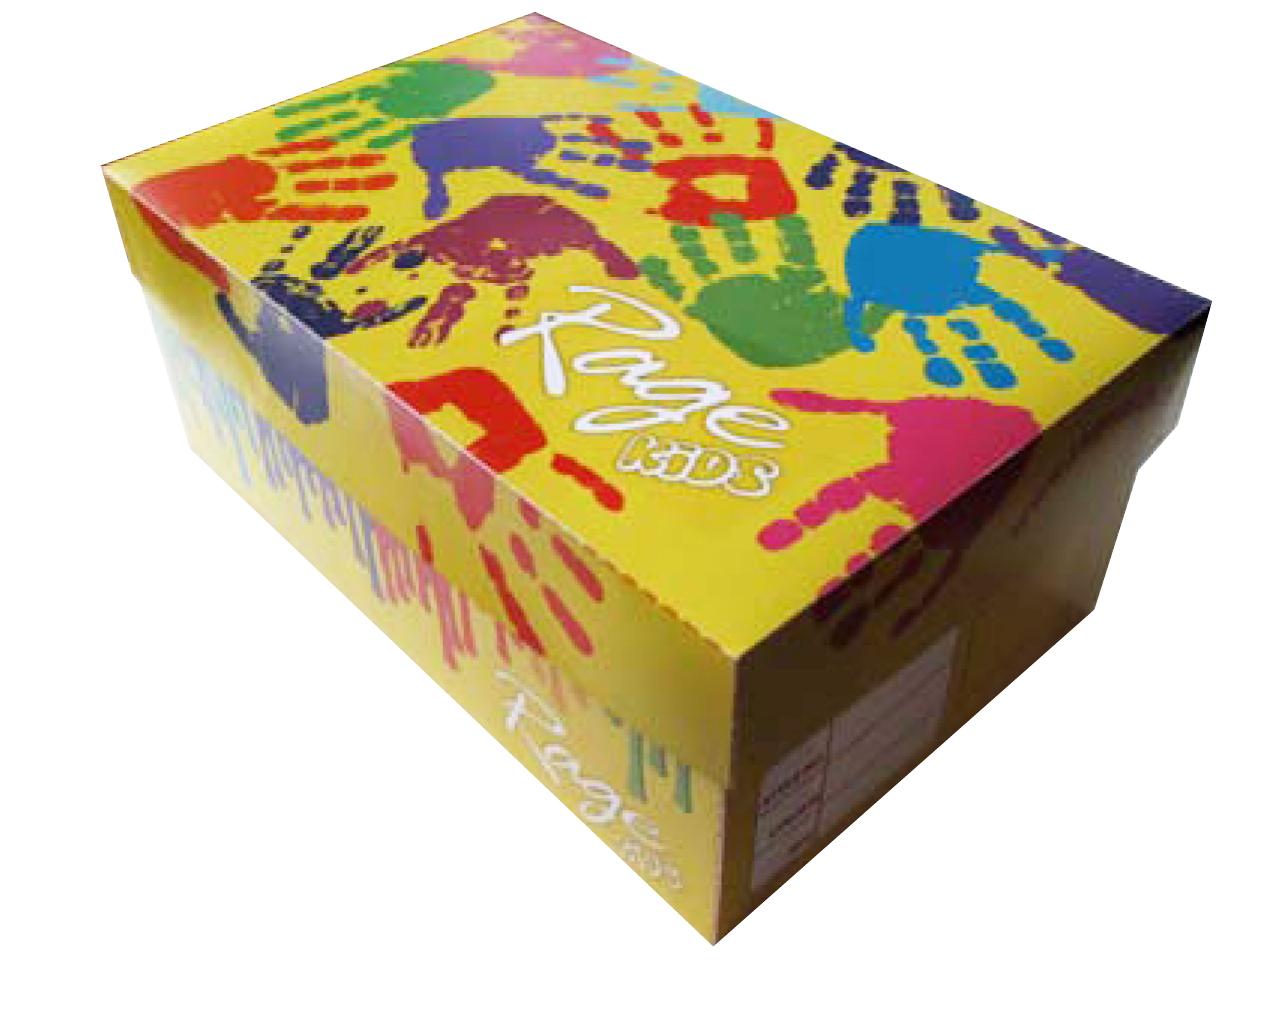 Rage Kids packaging1.jpg